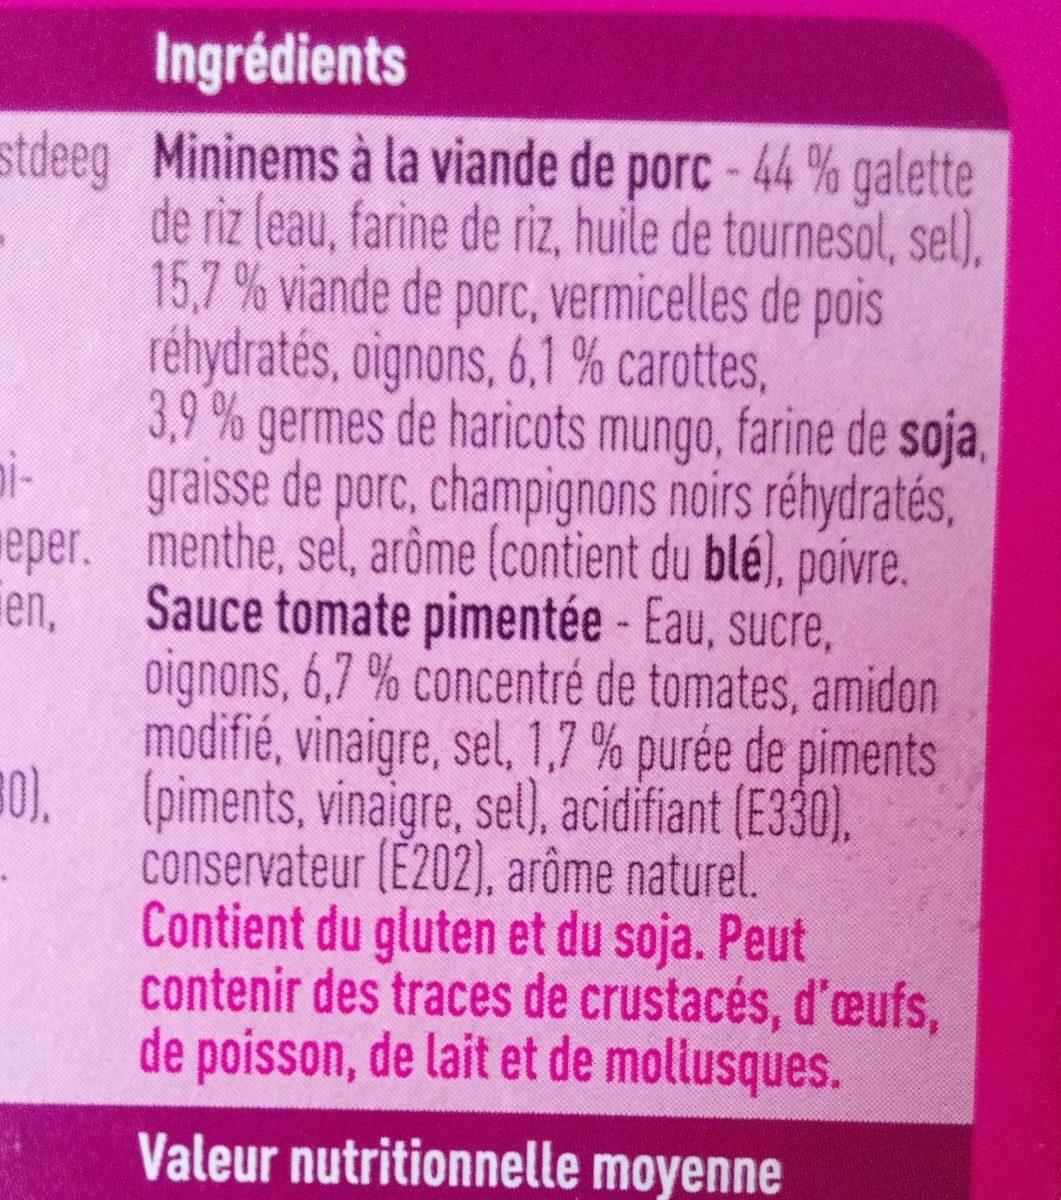 Nems au porc - Ingredients - fr